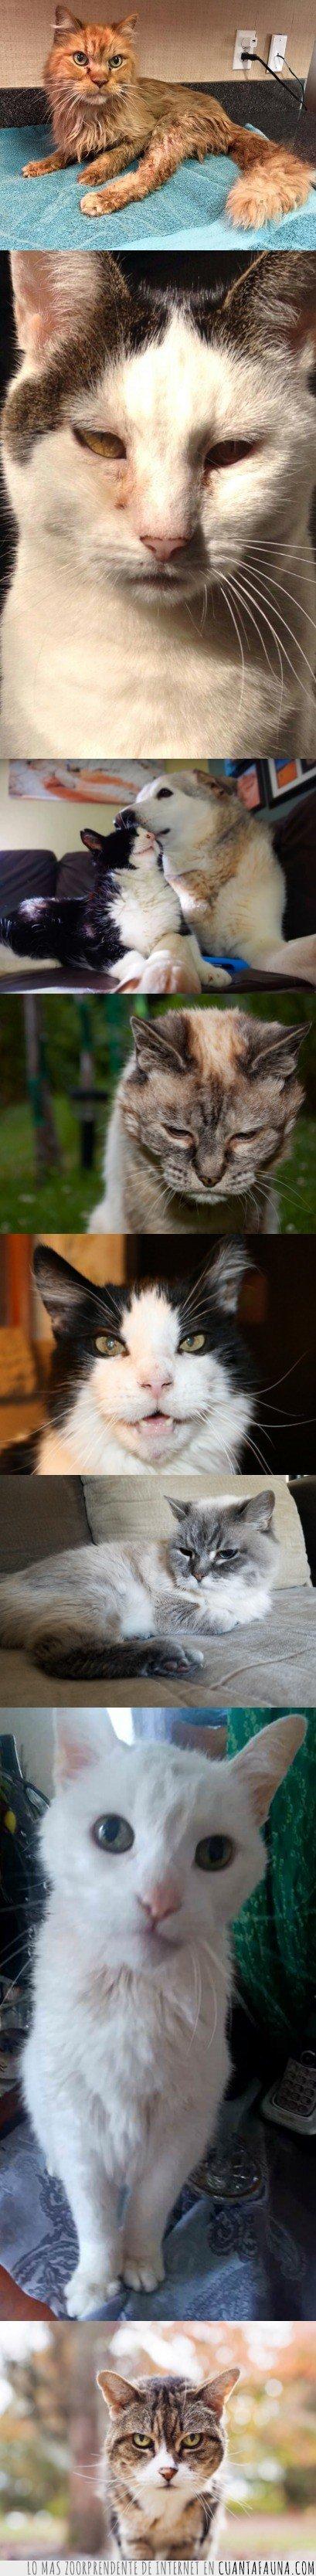 gatos de 20 años